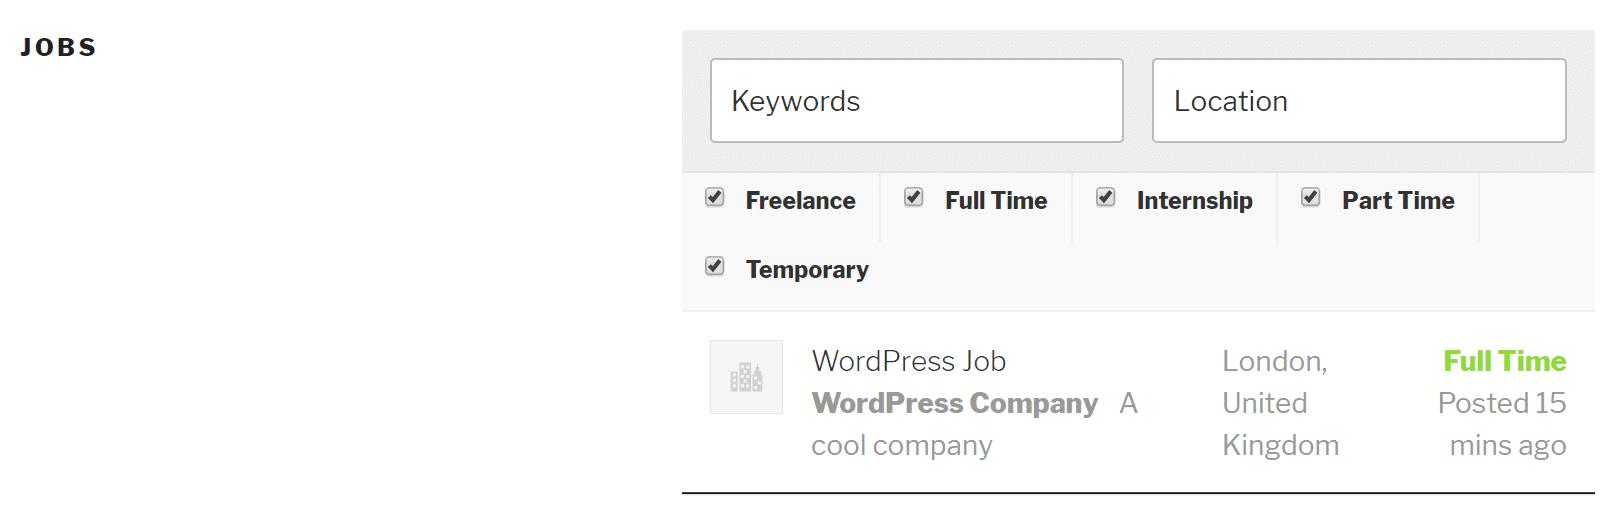 Aplicando a un empleo